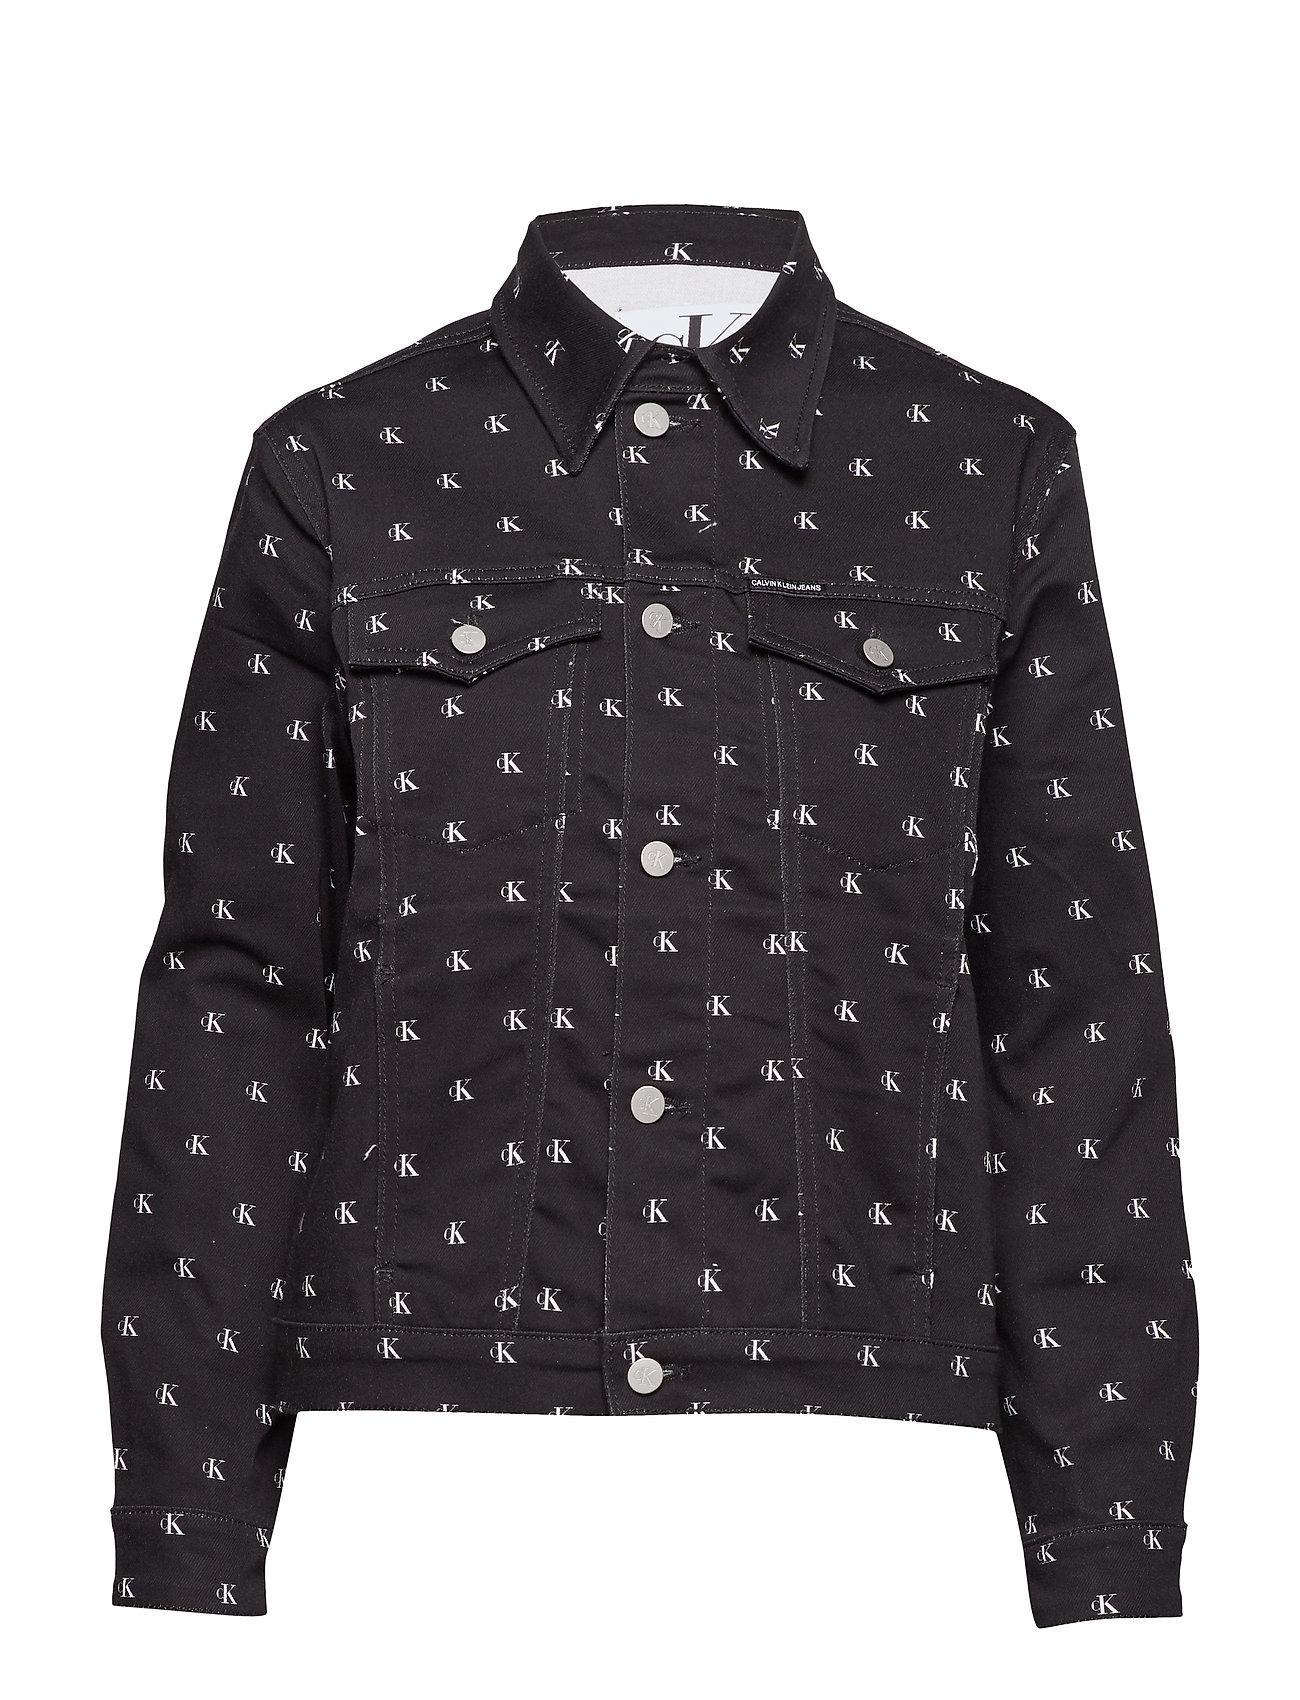 Calvin Klein Jeans FOUNDATION TRUCKER - BLACK MONOGRAM